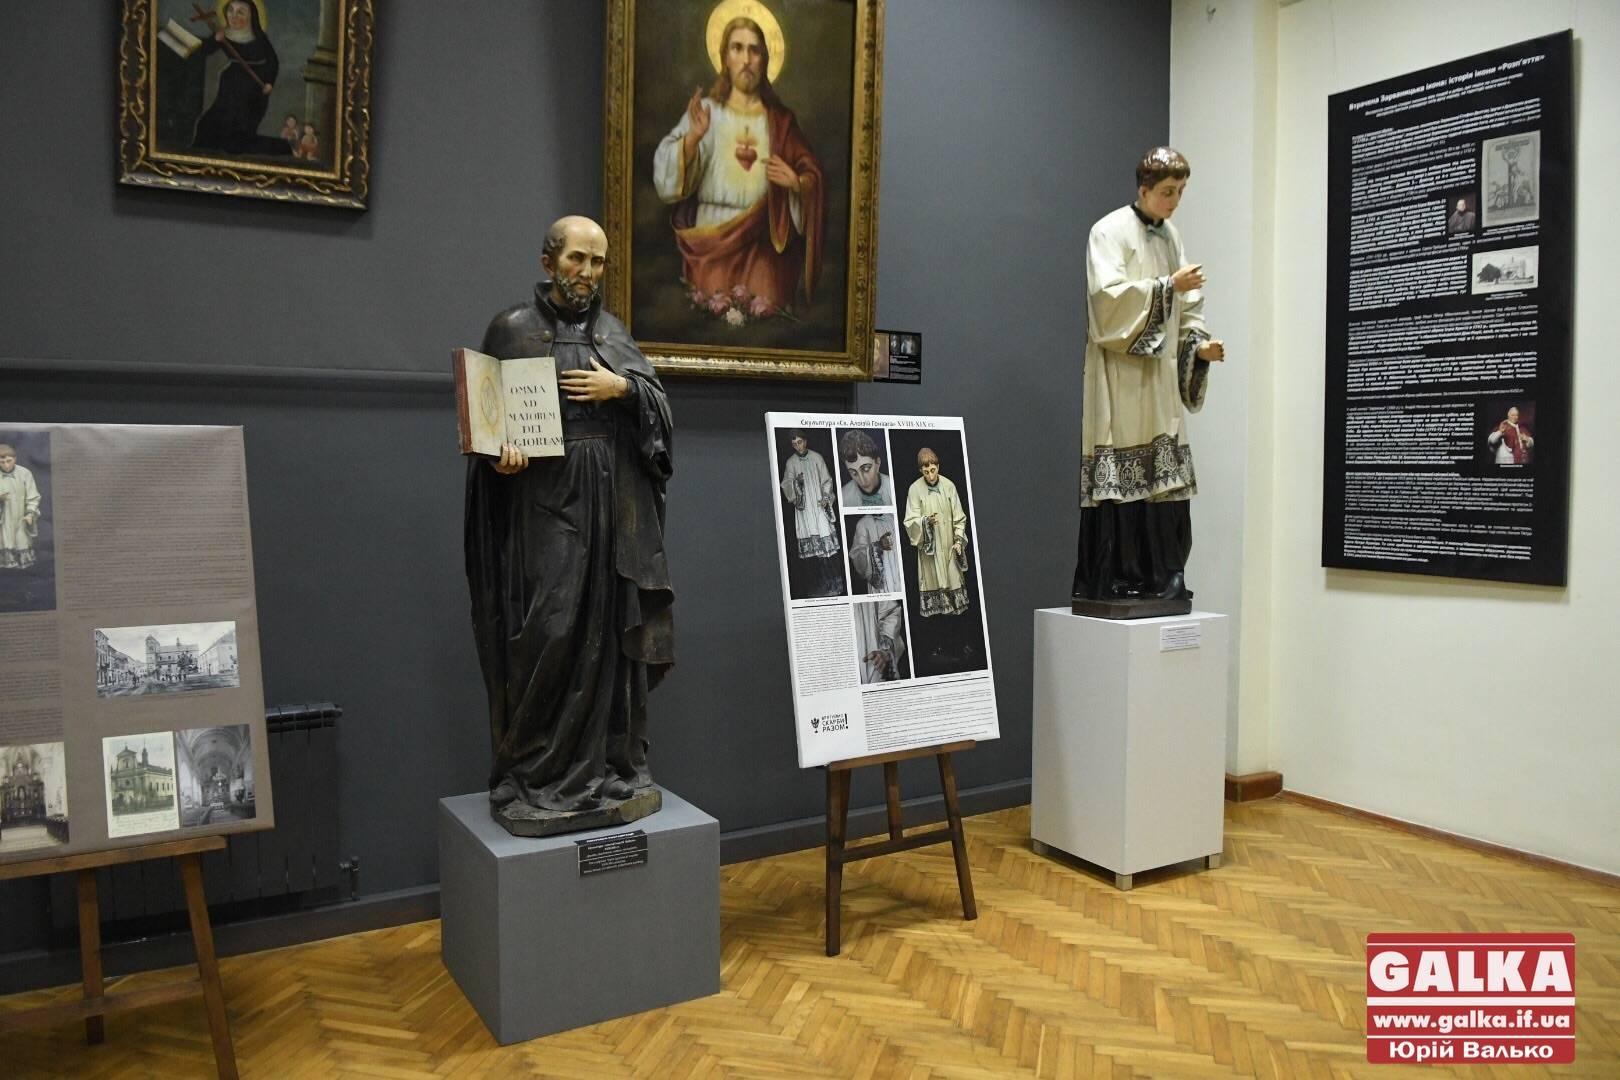 У Краєзнавчому музеї показали відреставровану скульптуру покровителя молоді та студентів (ФОТО)